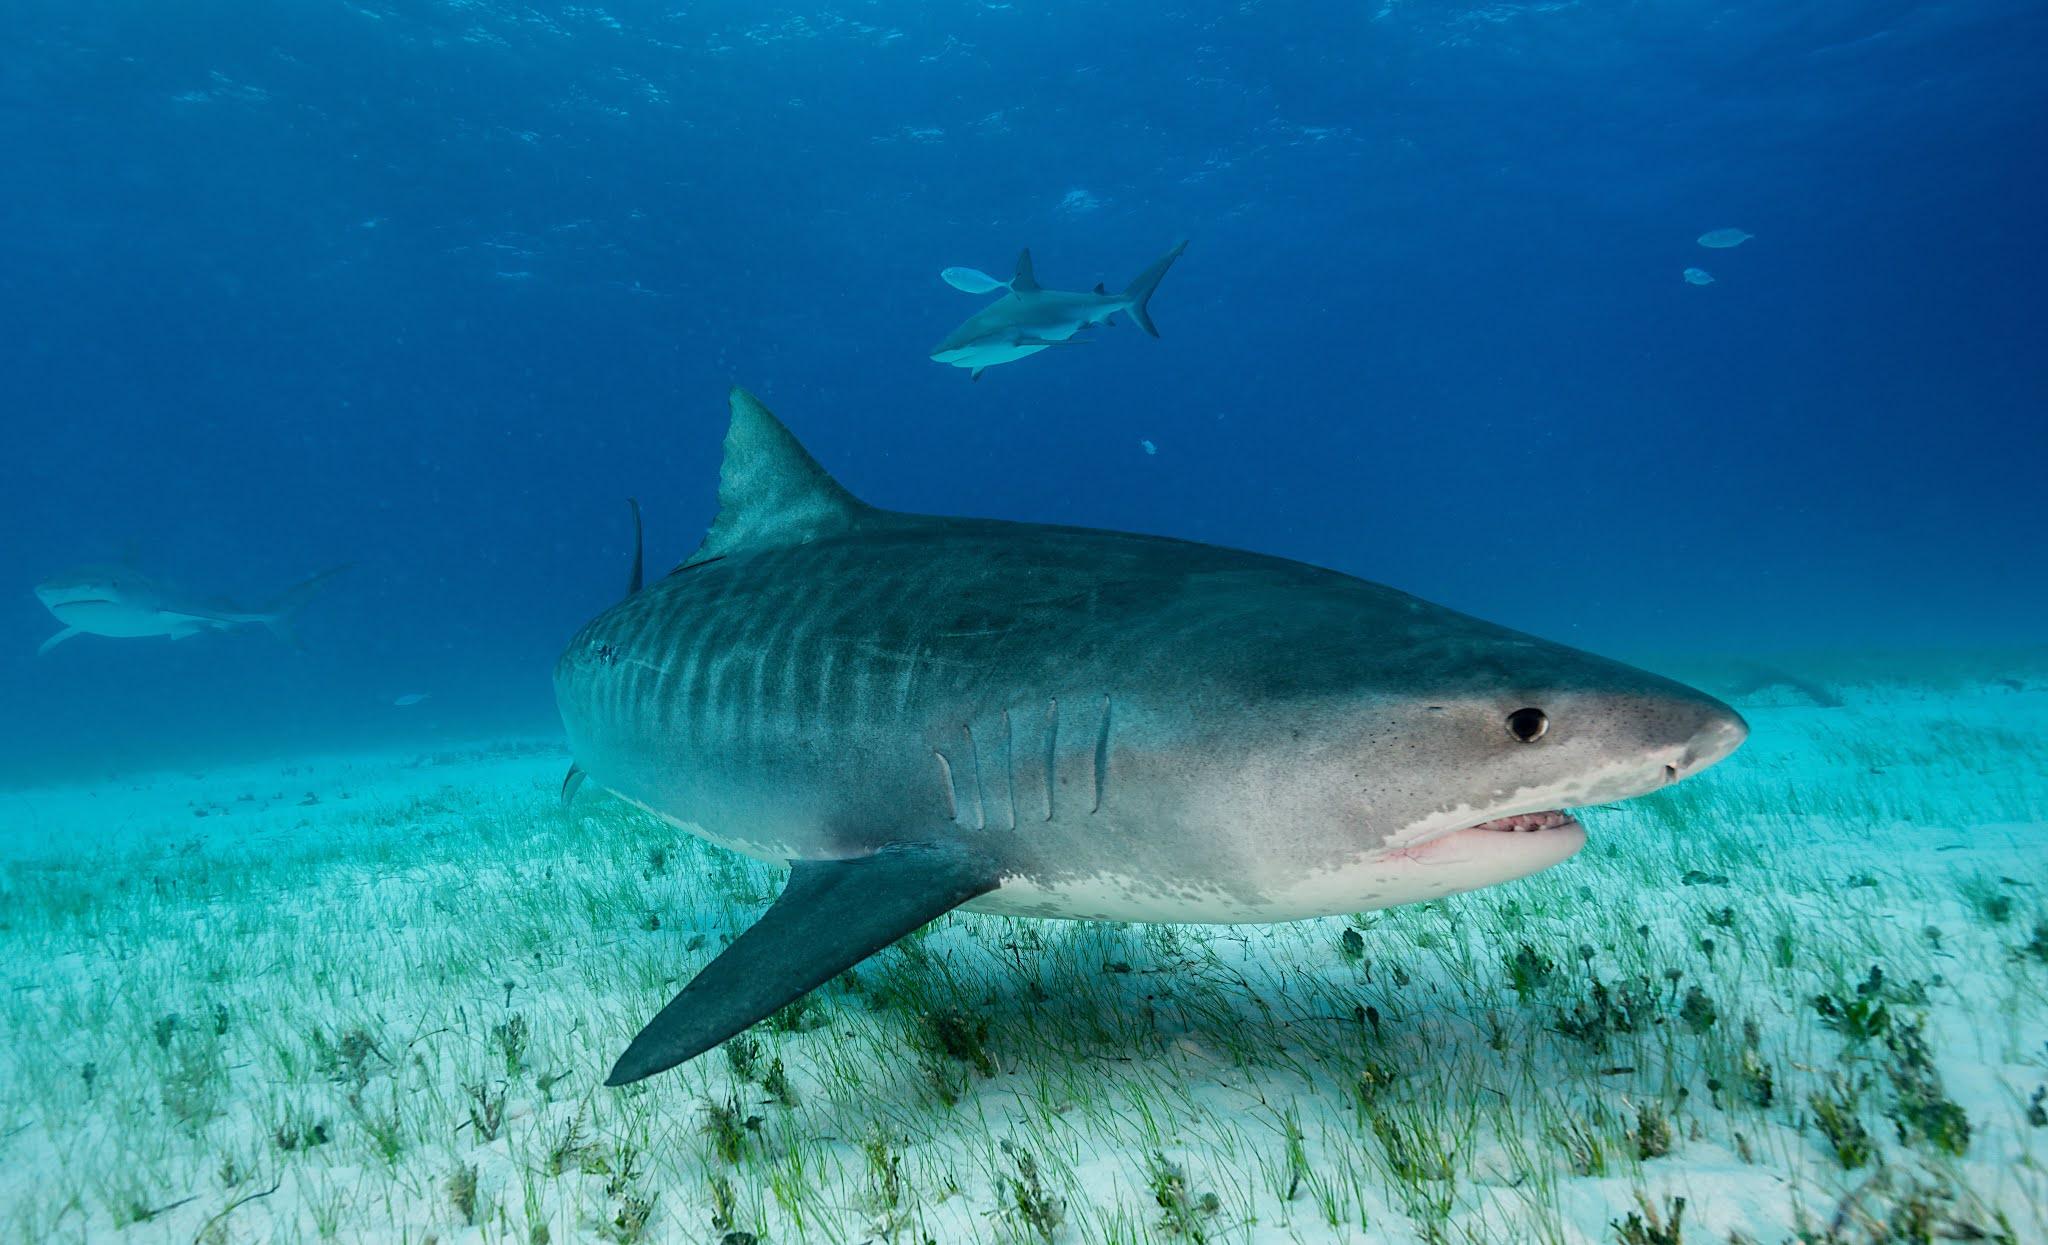 El viaje de una tiburón tigre que revela un asombroso hallazgo sobre la vida marina